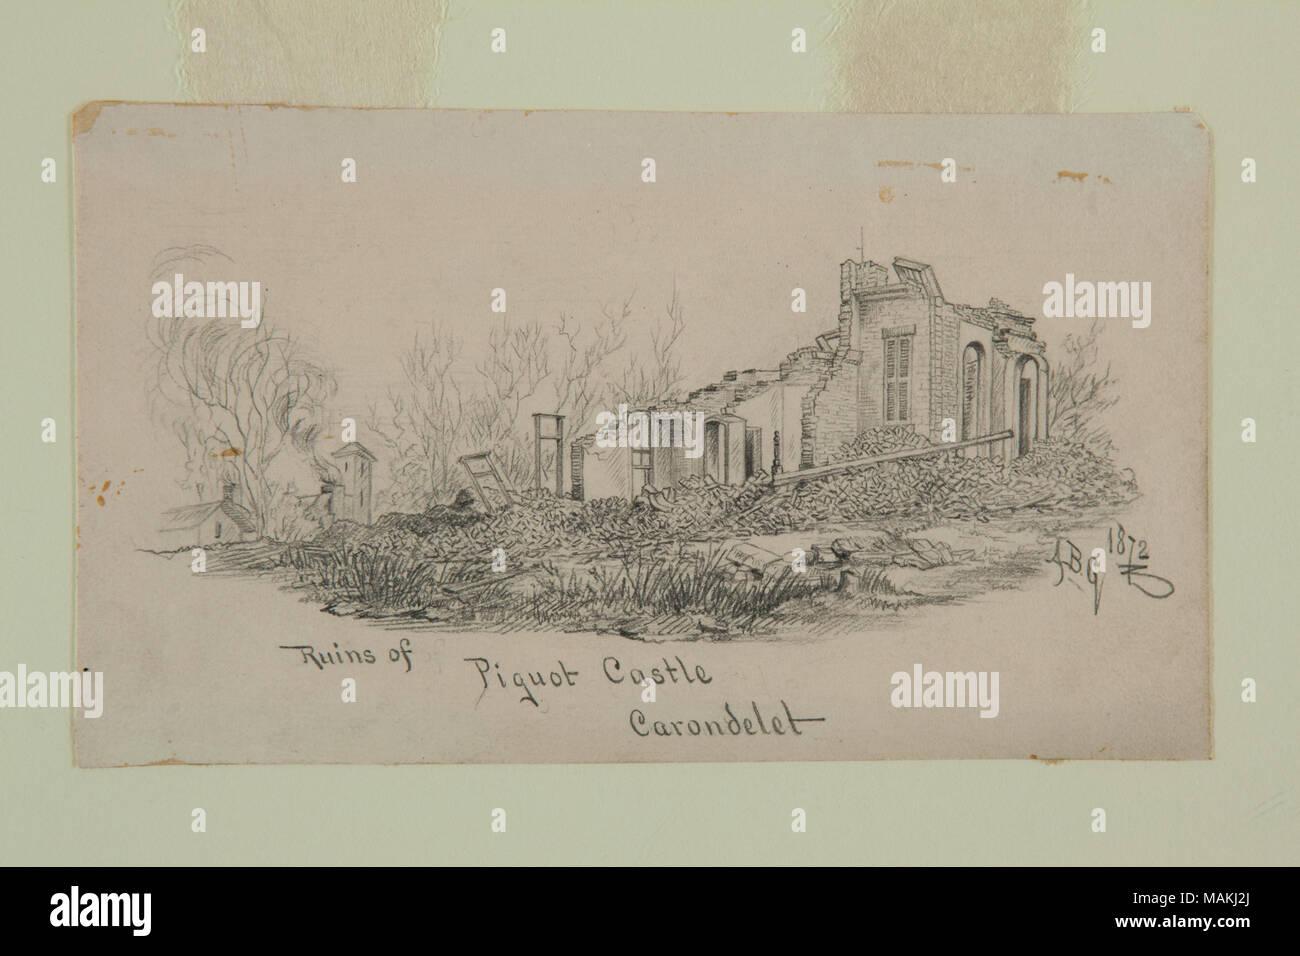 """Maison En Ruine Dessin dessin au crayon """"ruines du château des carondelet piquot"""